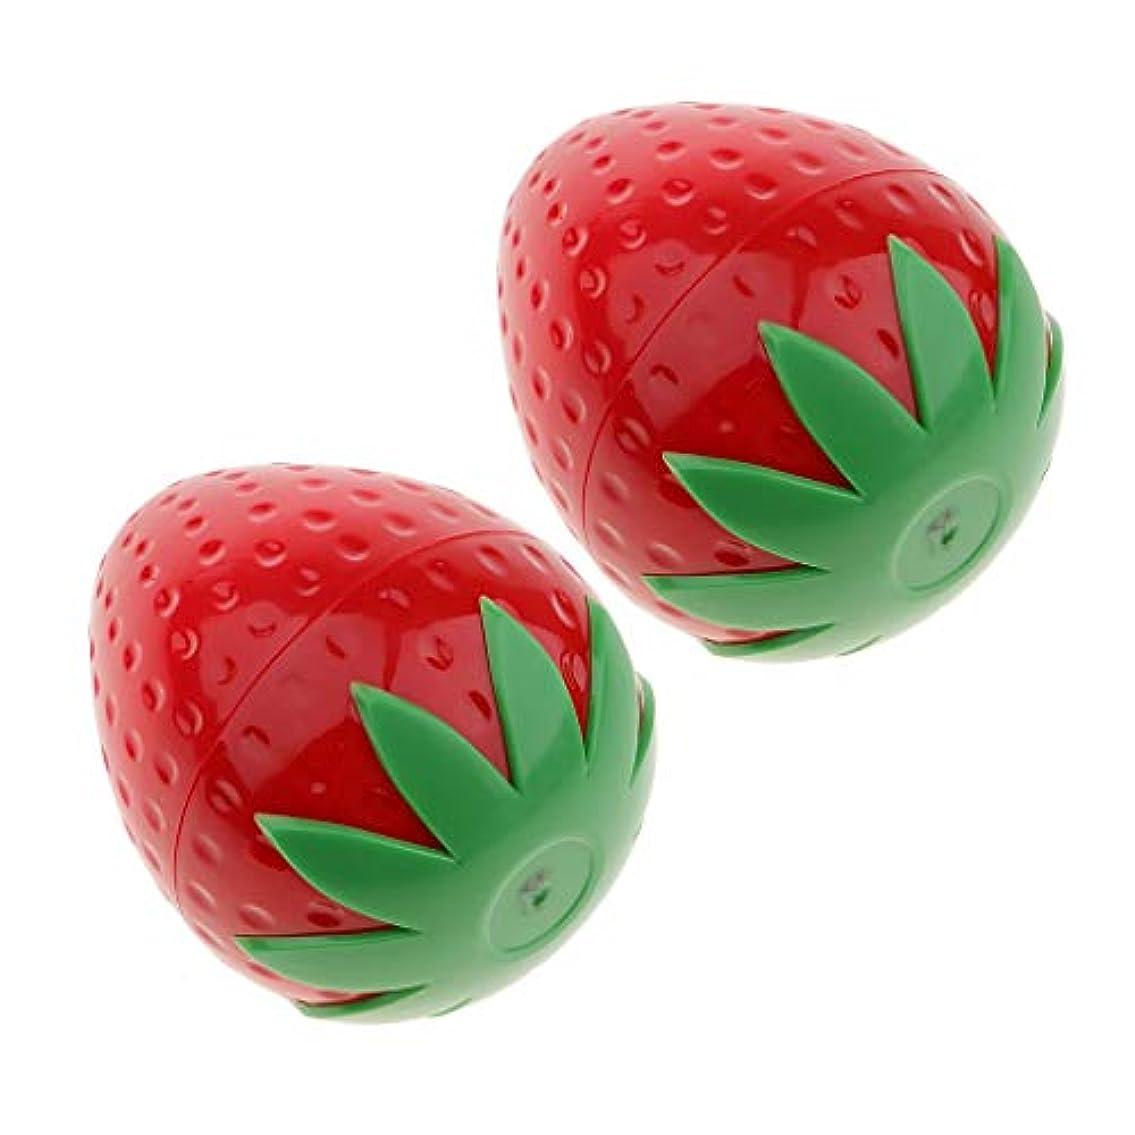 損なう秘書筋肉のIPOTCH 2個 コスメ 小分け用容器 可愛い フルーツタイプ 果物 化粧品容器 クリームジャー 5タイプ選べ - ストラベリー